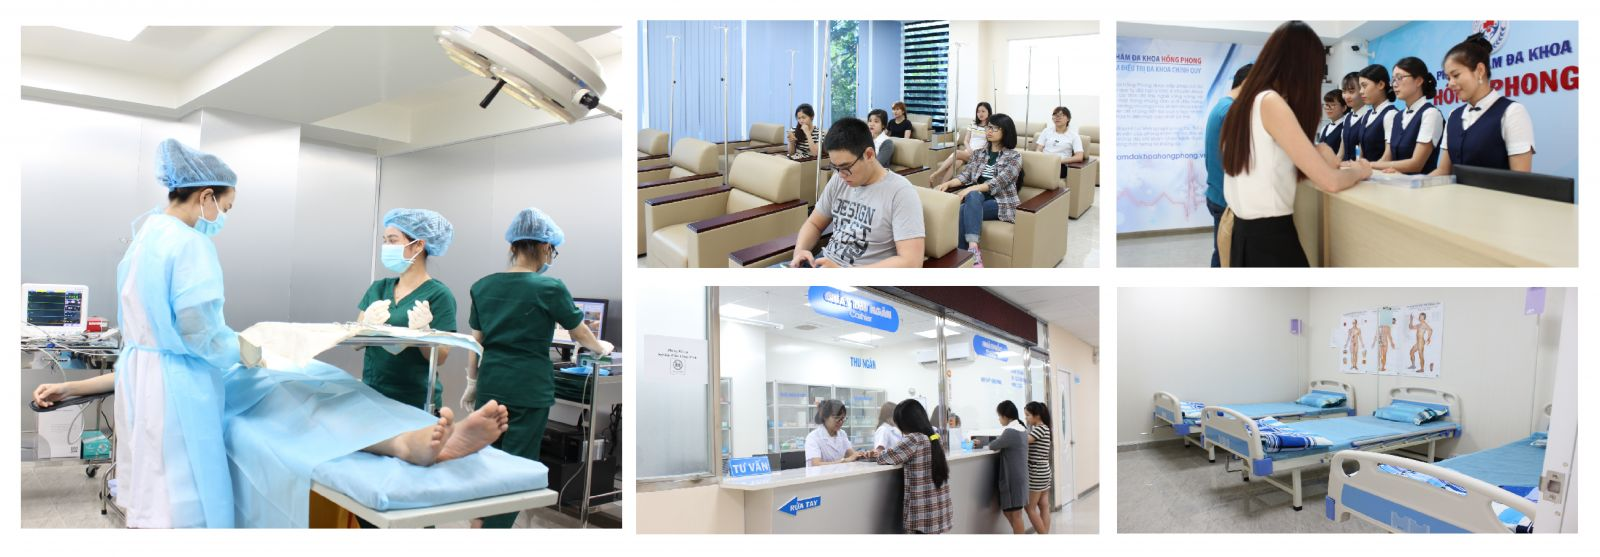 Phòng Khám Đa Khoa Hồng Phong cơ sở khám chữa bệnh xã hội uy tín